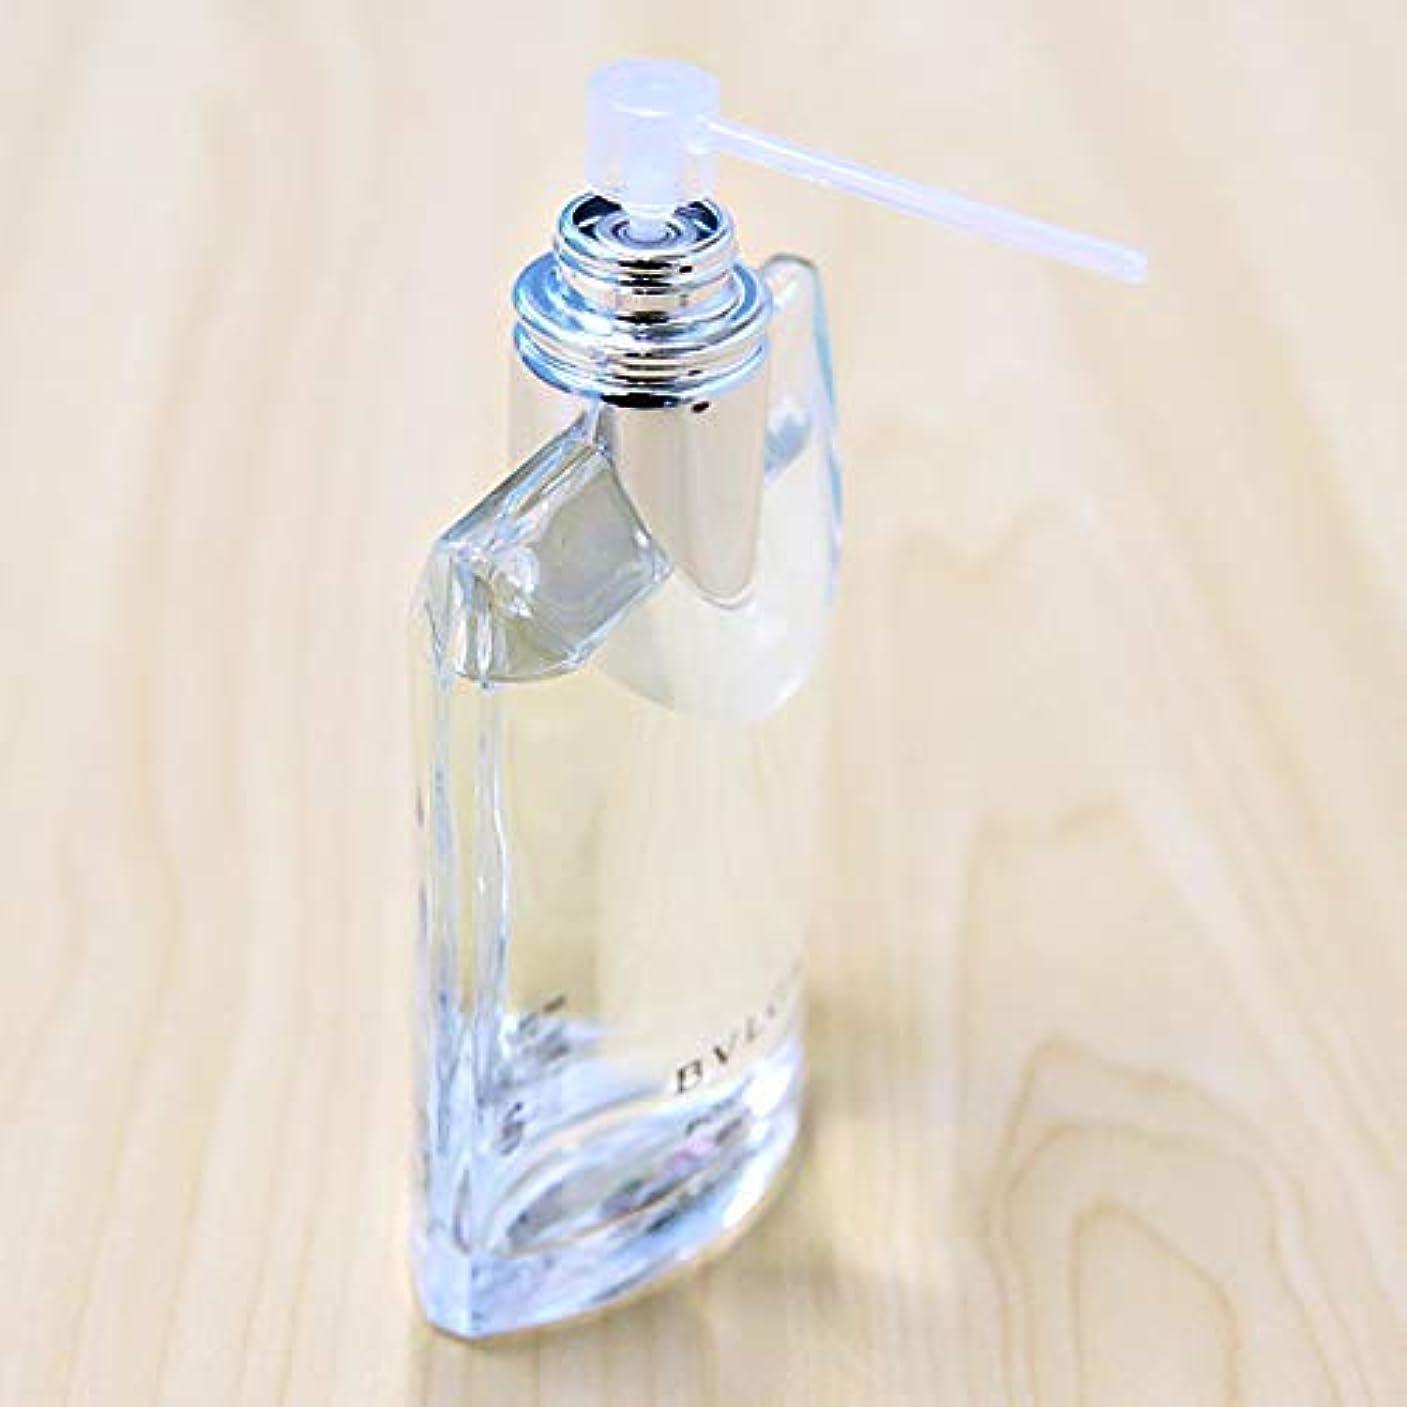 メニューに向かって敬な【単品】 香水 詰め替え ノズル アトマイザー 簡単 詰め替え プッシュ ポンプ ストロー スプレーボトル